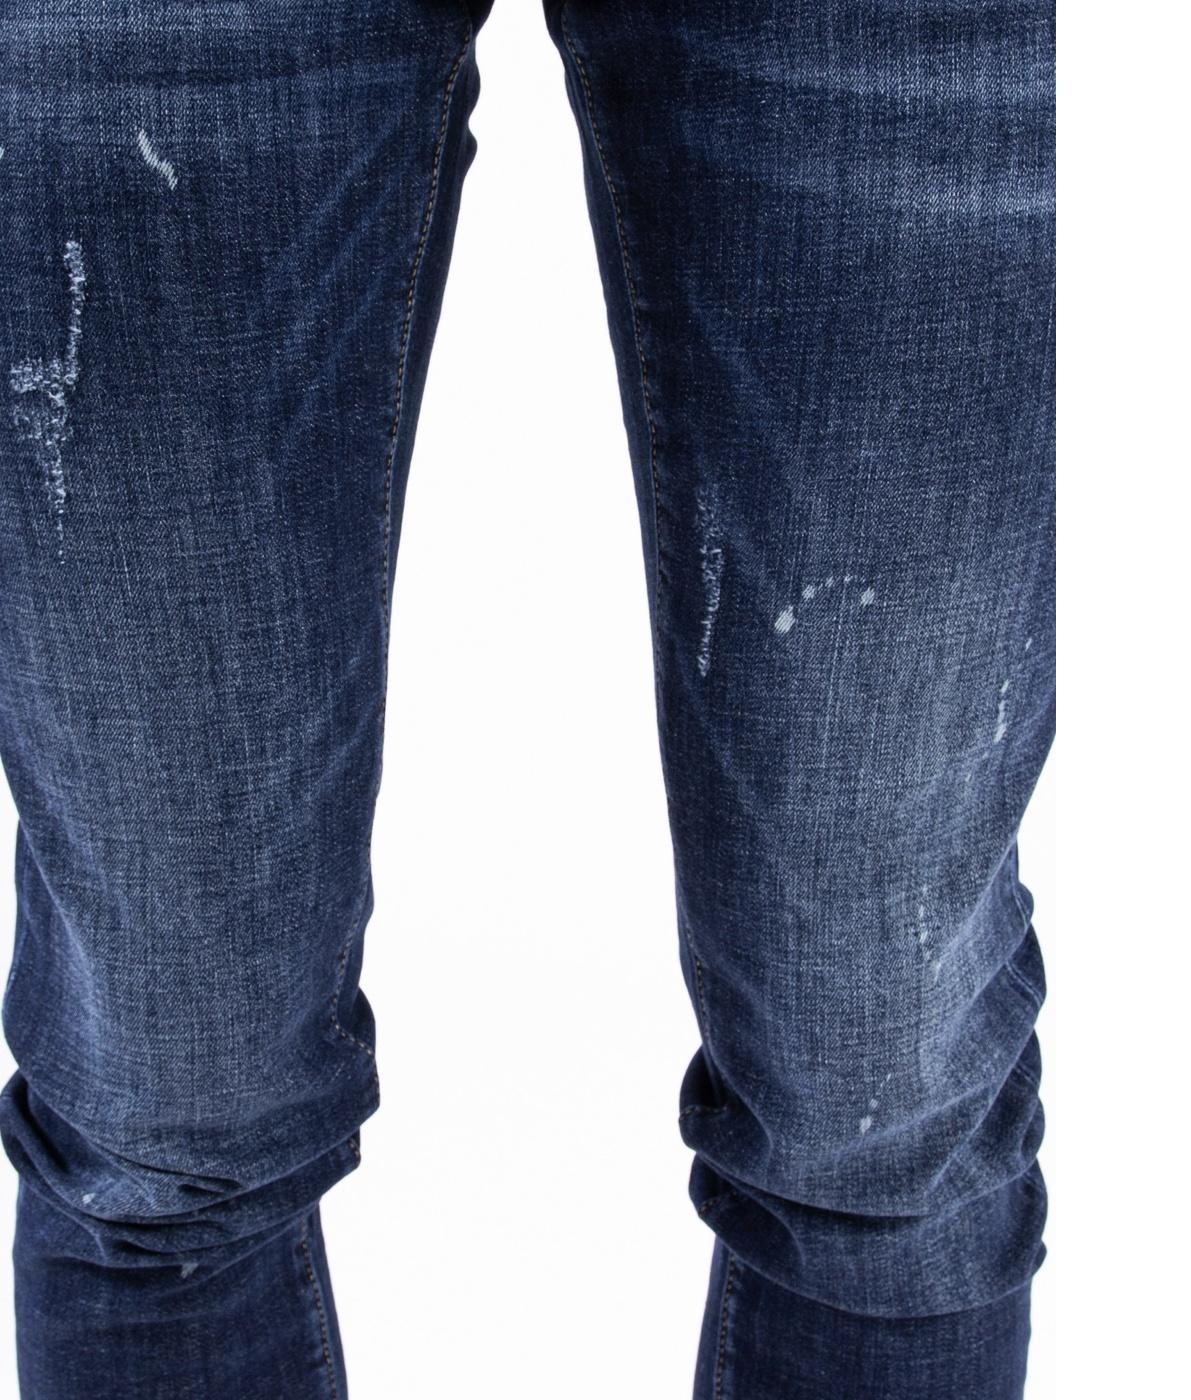 Stretch Jeans-2